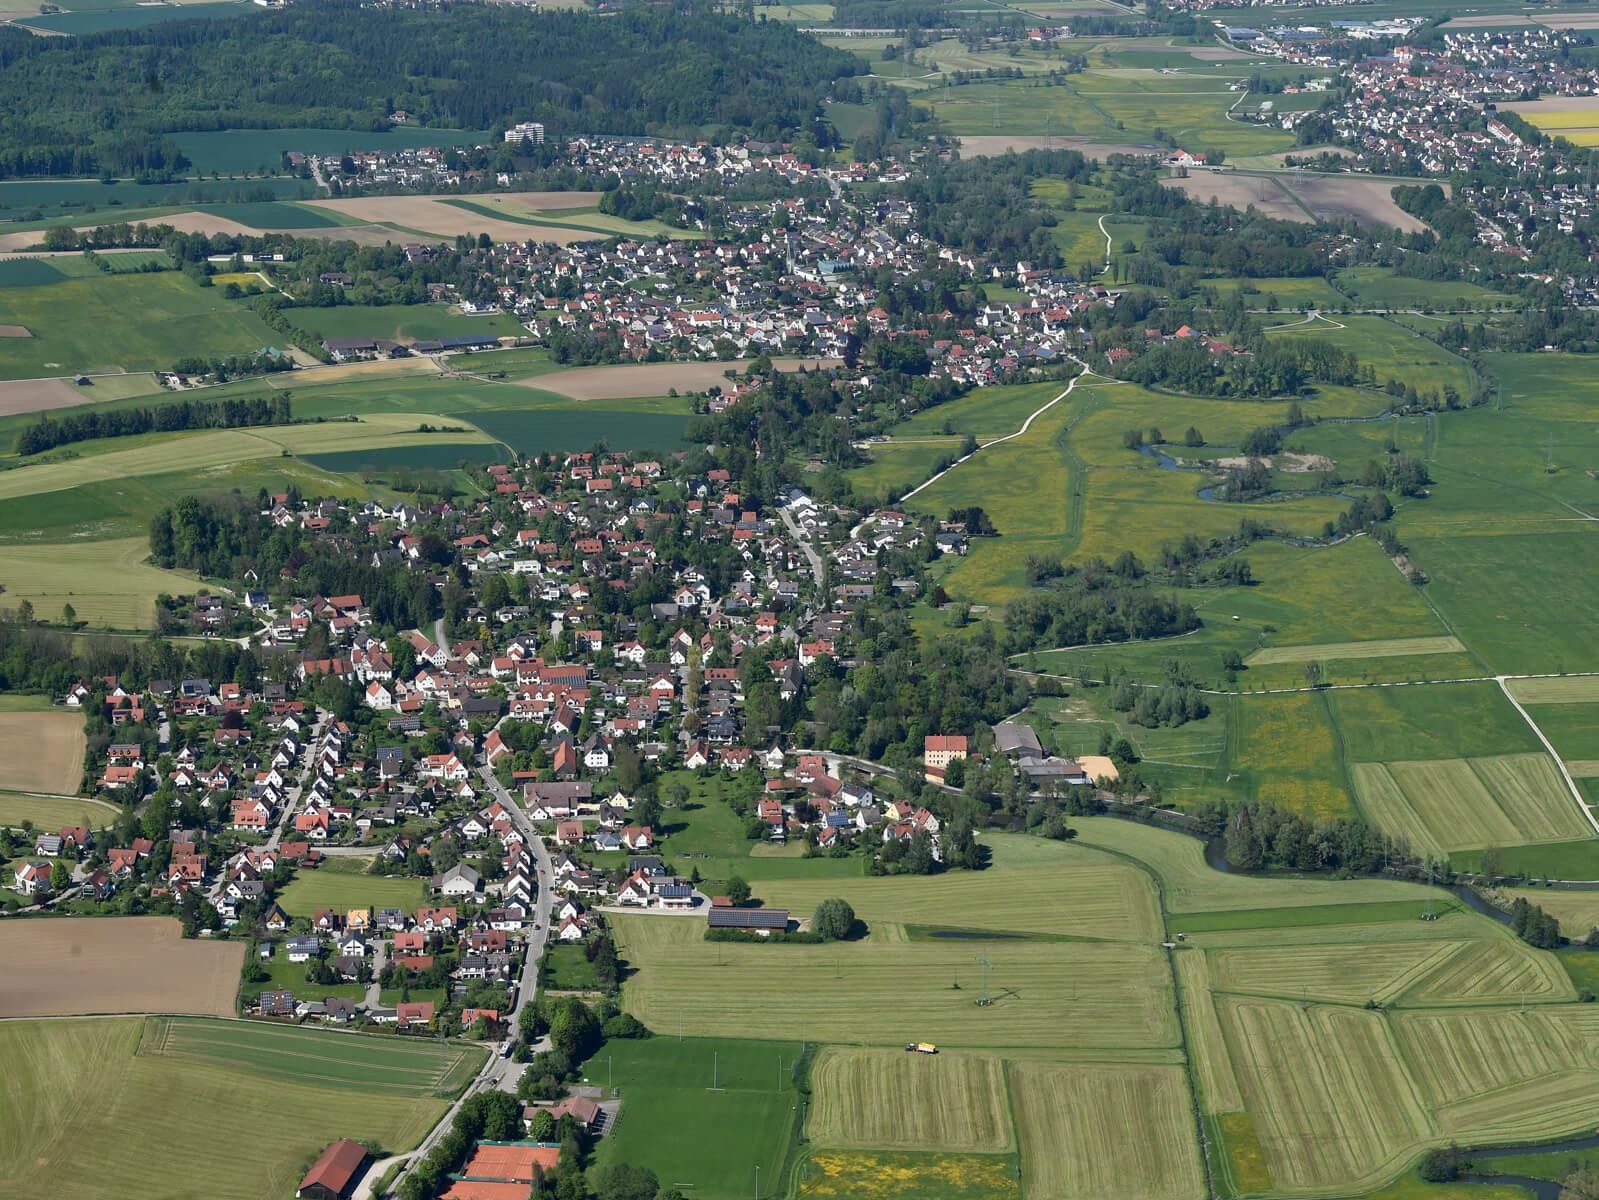 Luftbild von den Stadtteilen Hainhofen, Ottmarshausen, Hammel und Neusäß (im Uhrzeigersinn, beginnend rechts unten). Foto: Marcus Merk.